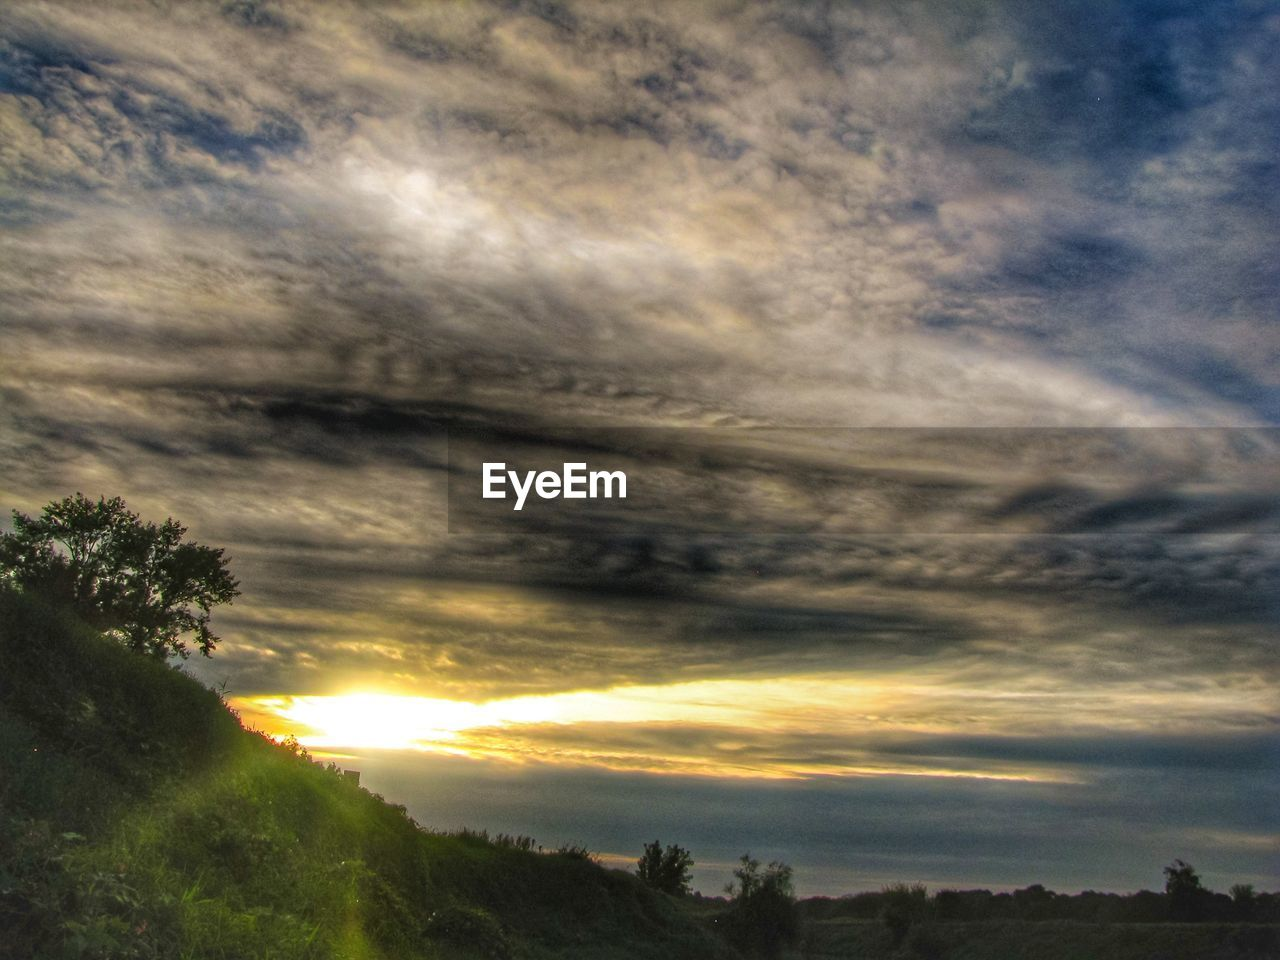 cloud - sky, sky, sunset, beauty in nature, scenics - nature, tranquility, tranquil scene, nature, tree, plant, orange color, idyllic, sun, no people, environment, sunbeam, sunlight, dramatic sky, landscape, outdoors